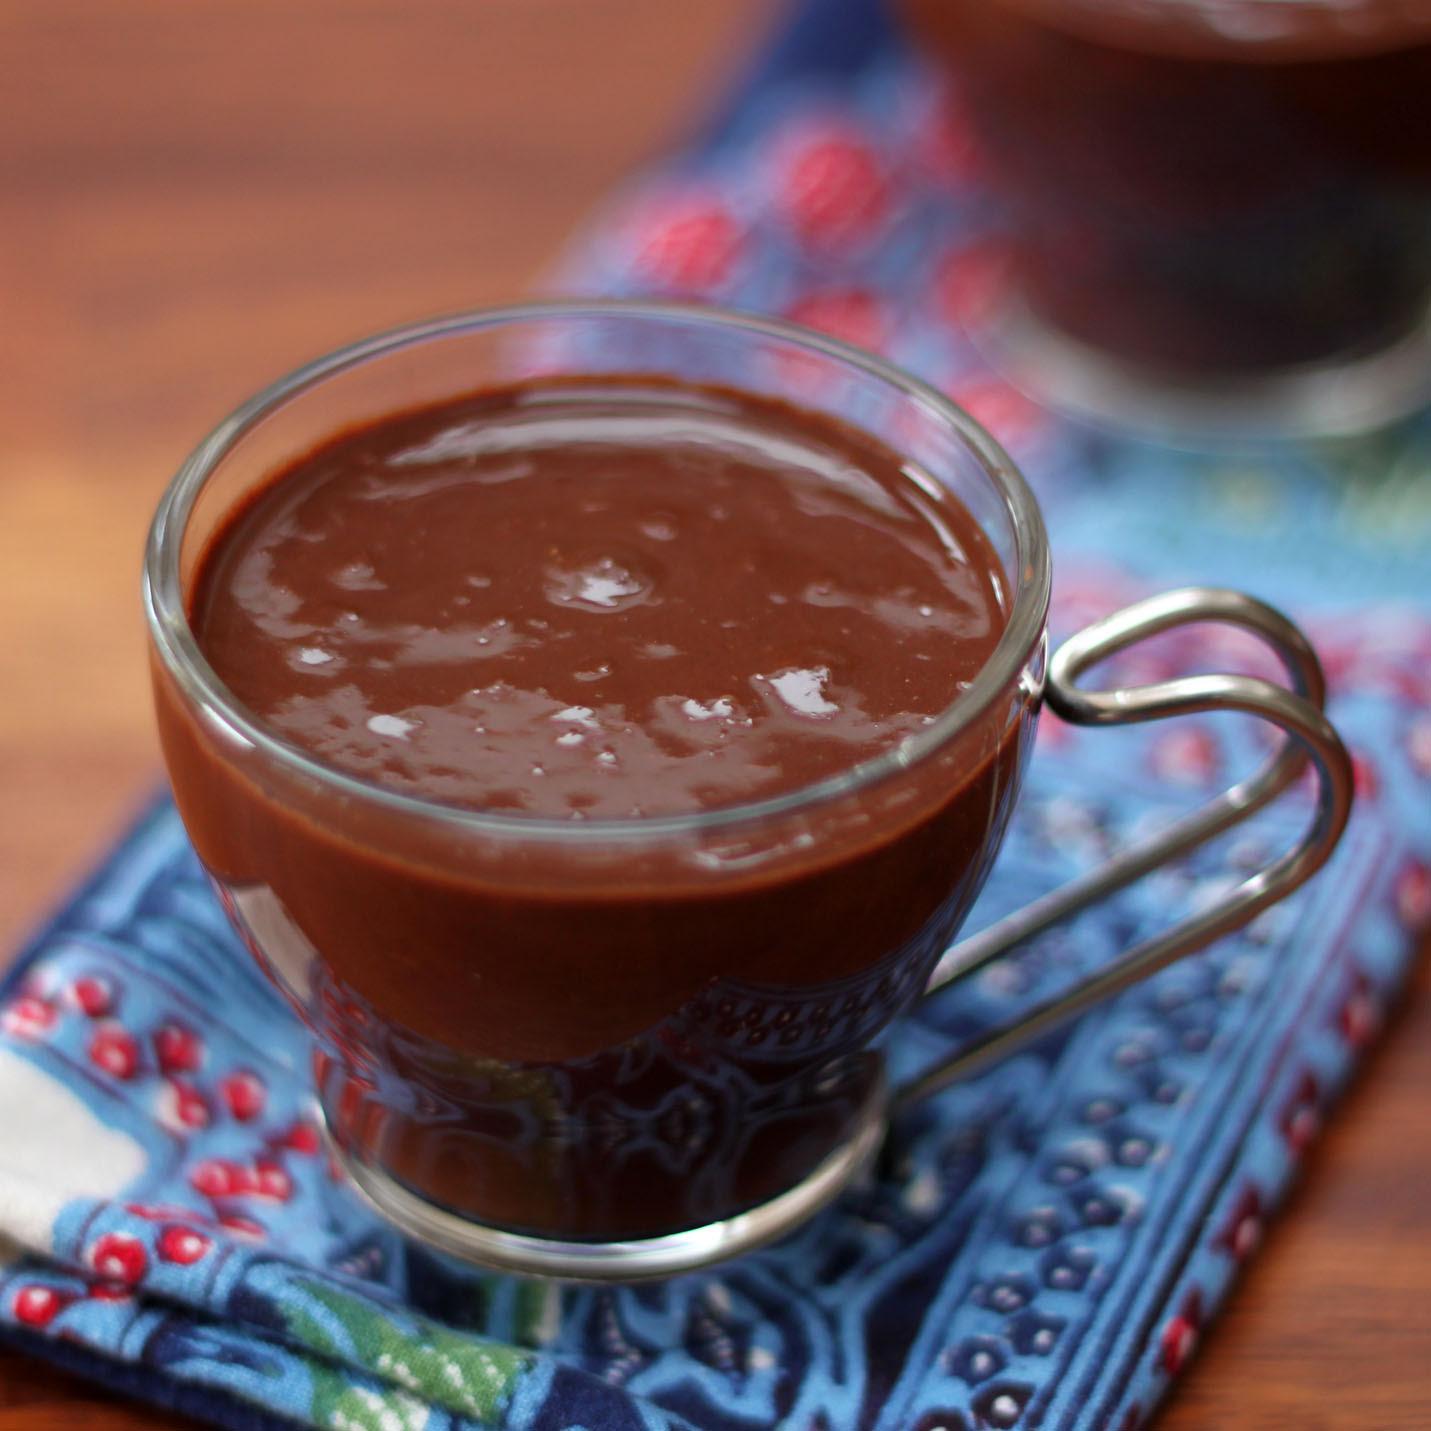 Kuna Indian Hot Chocolate - Hazel Lee